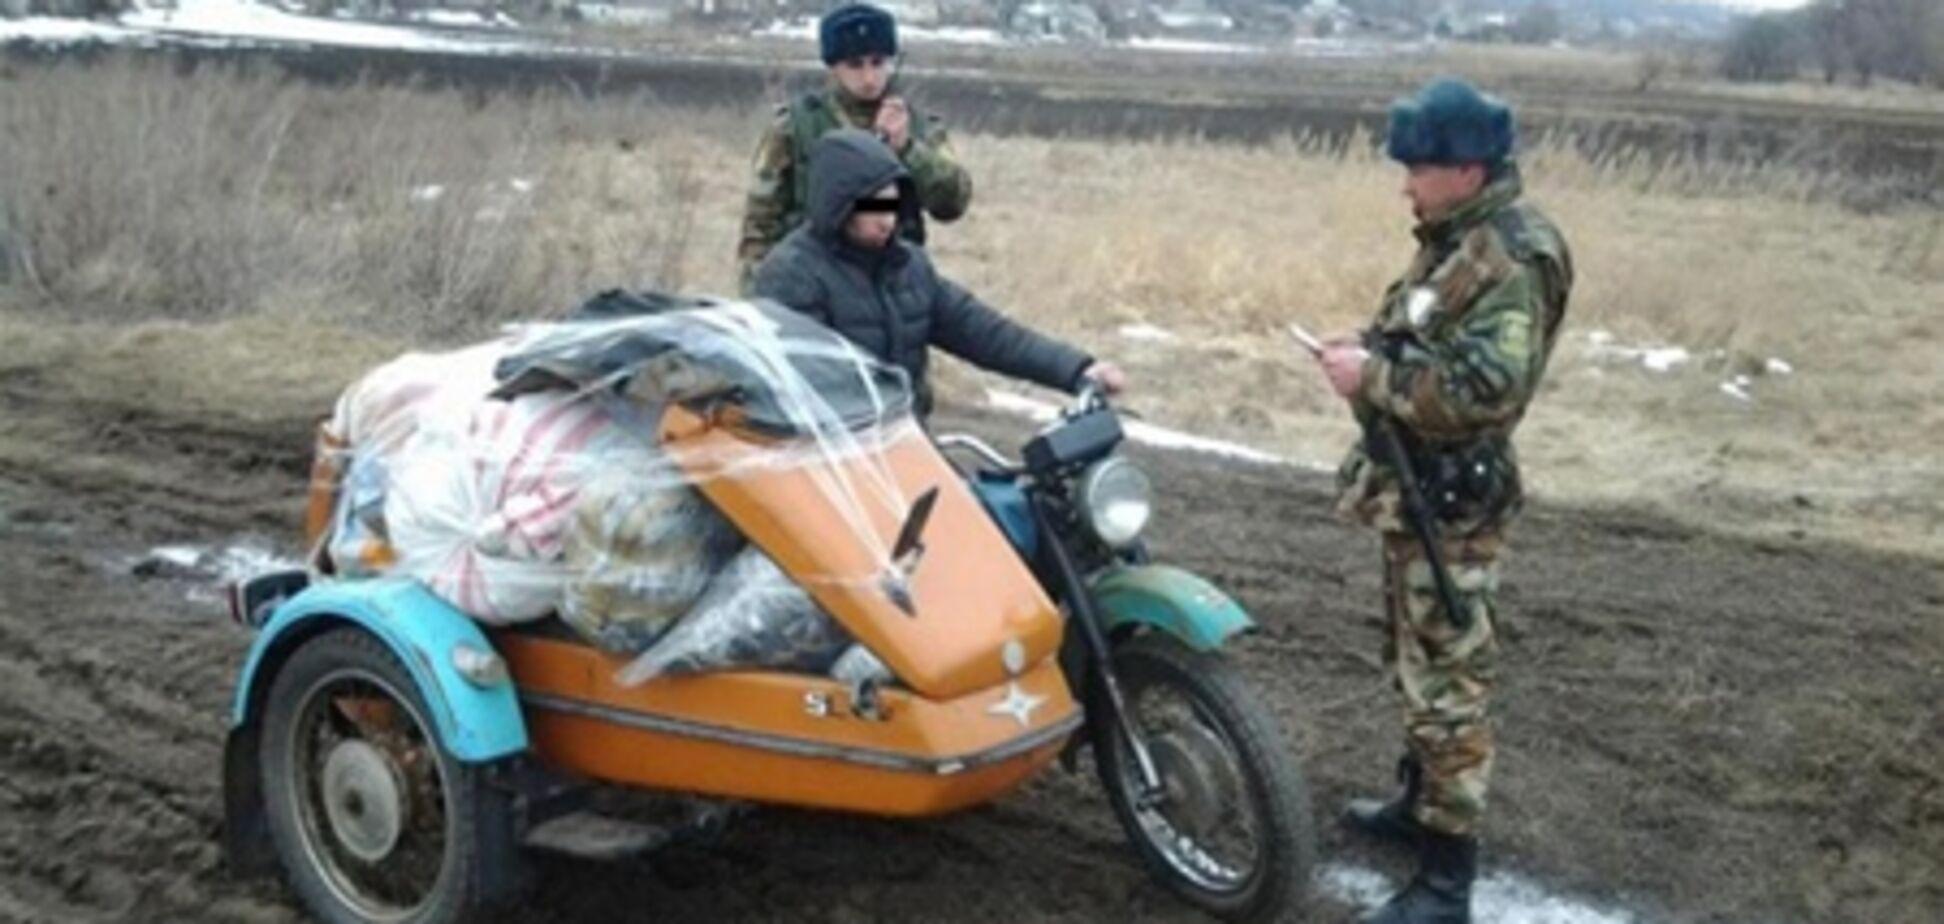 Пограничники задержали россиянина с 1000 женских шапок. Фото